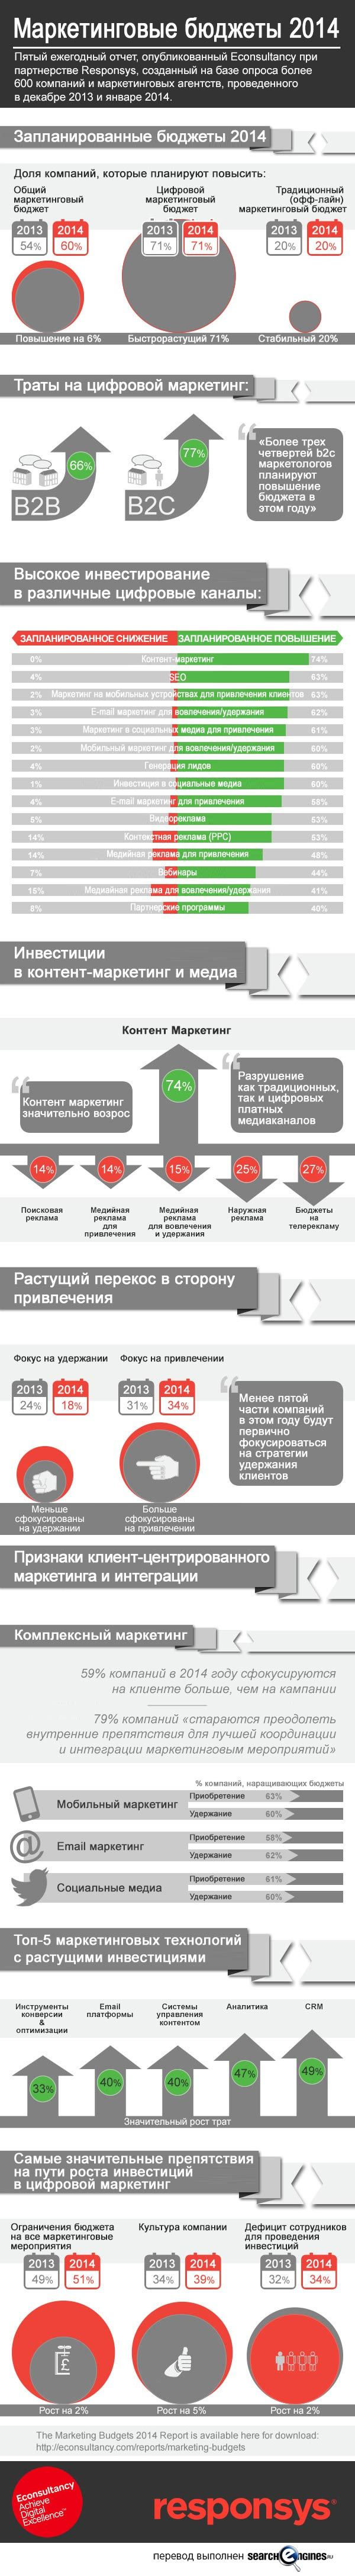 Маркетинговые бюджеты 2014